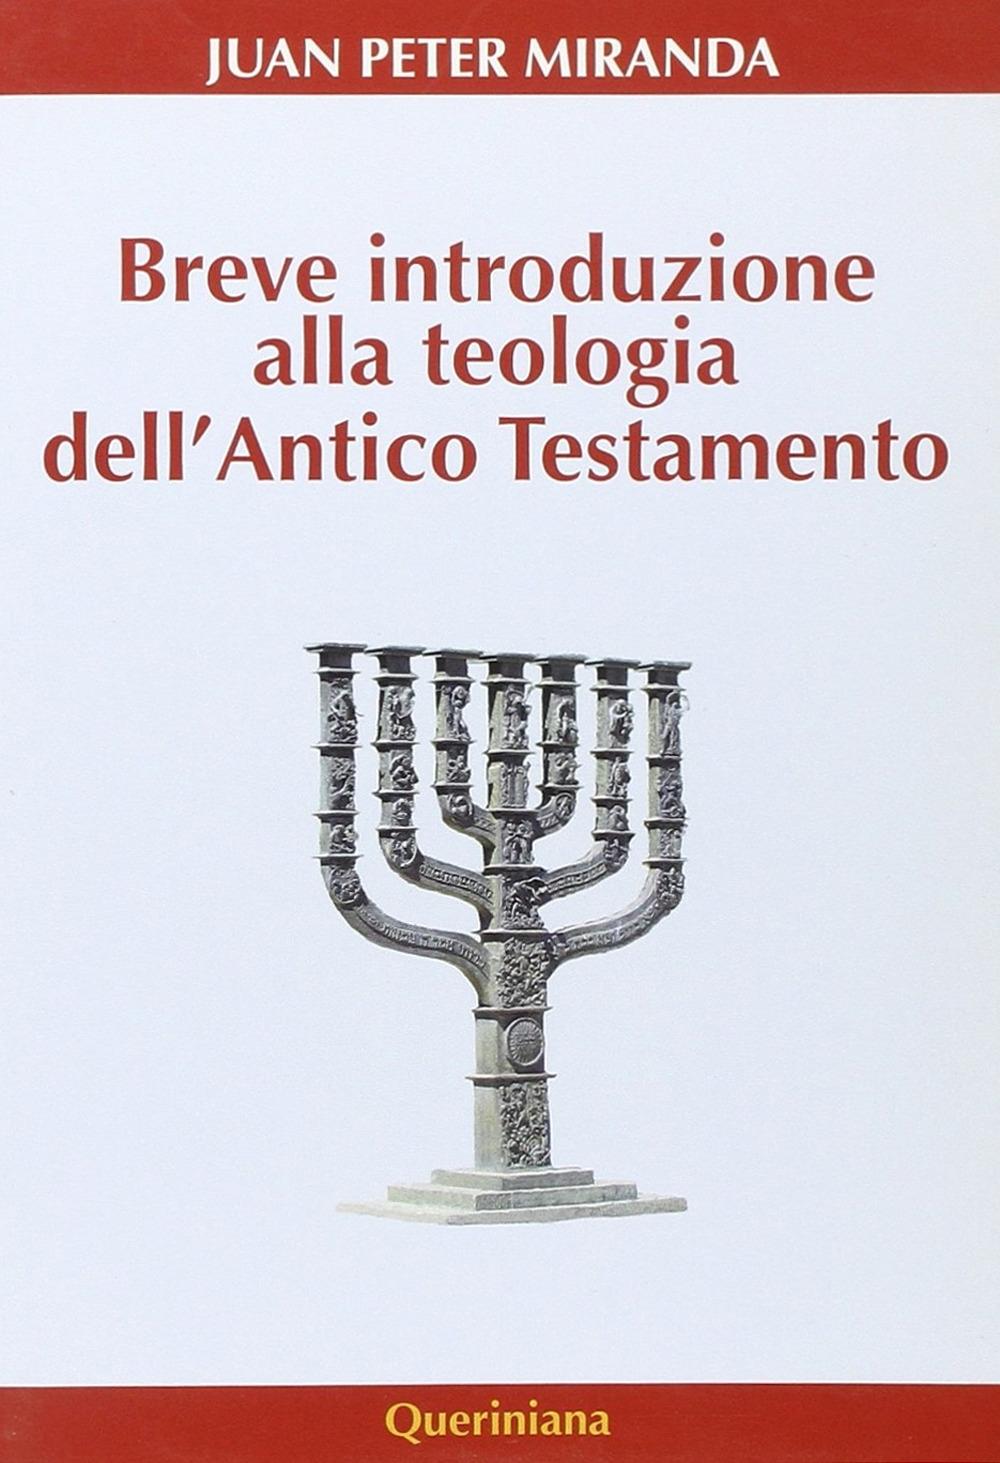 Breve introduzione alla teologia dell'Antico Testamento.